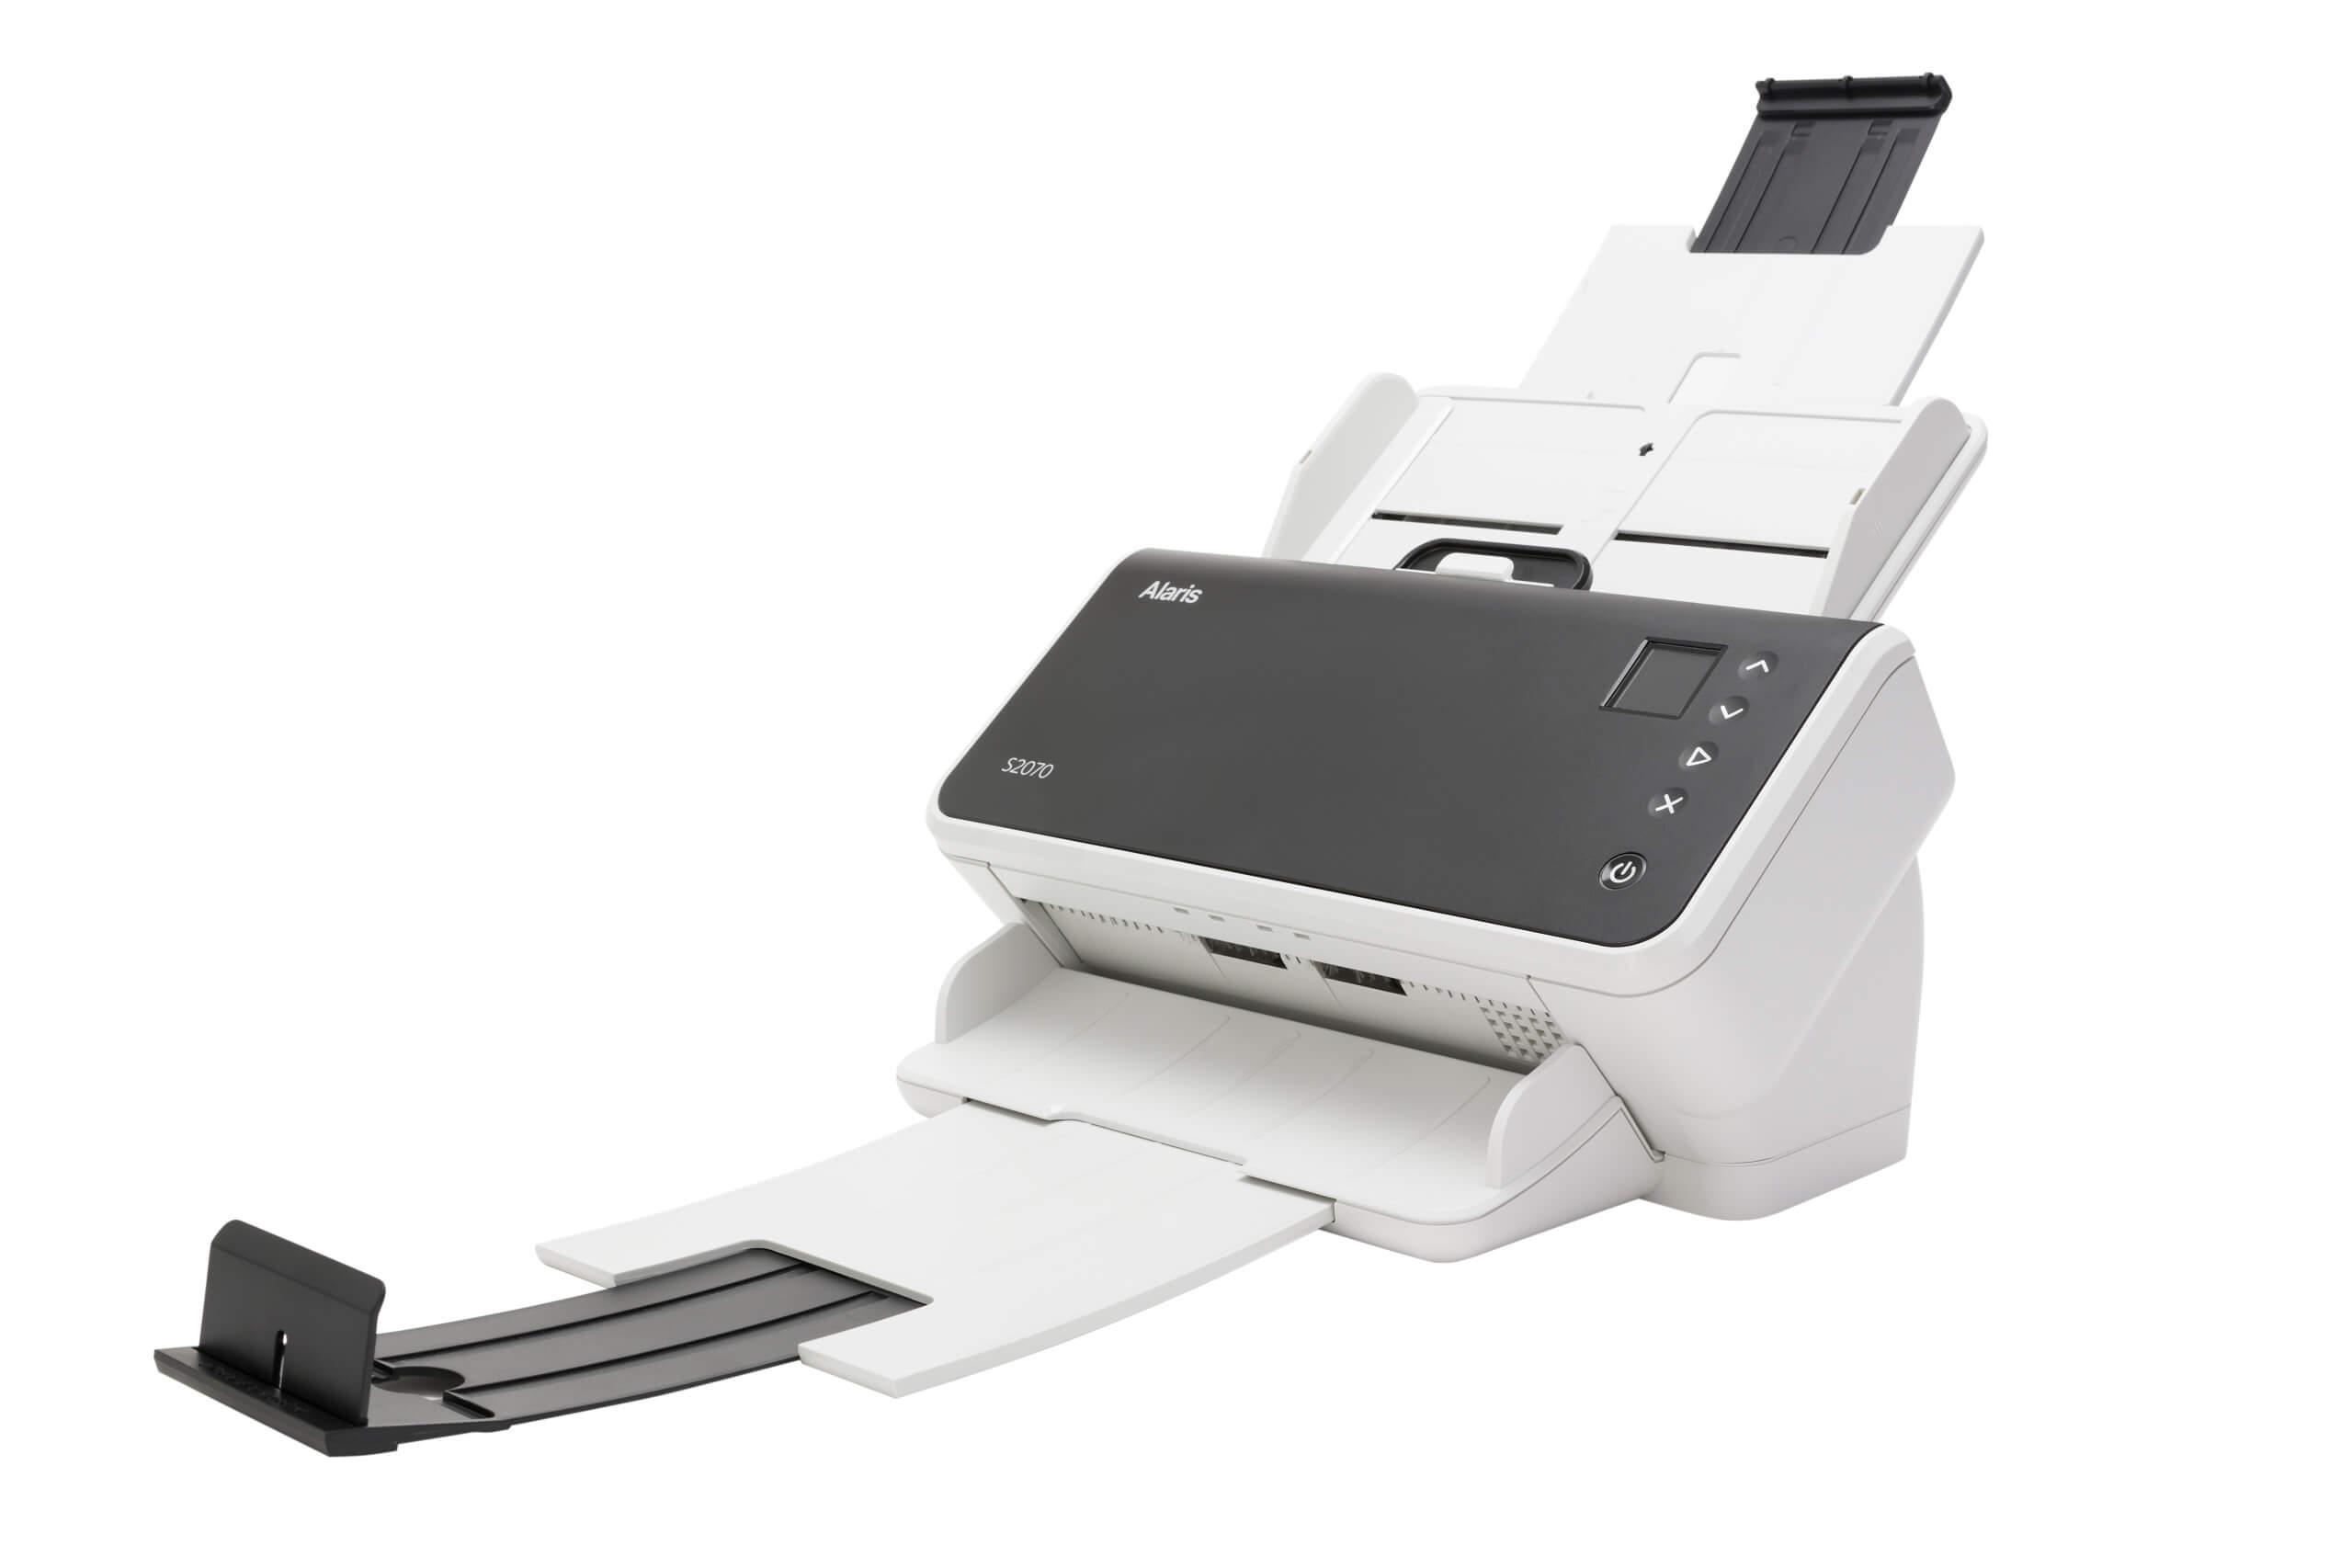 Alaris S2050/S2070 - Dòng máy quét mới giúp số hóa dữ liệu kinh doanh nhanh chóng